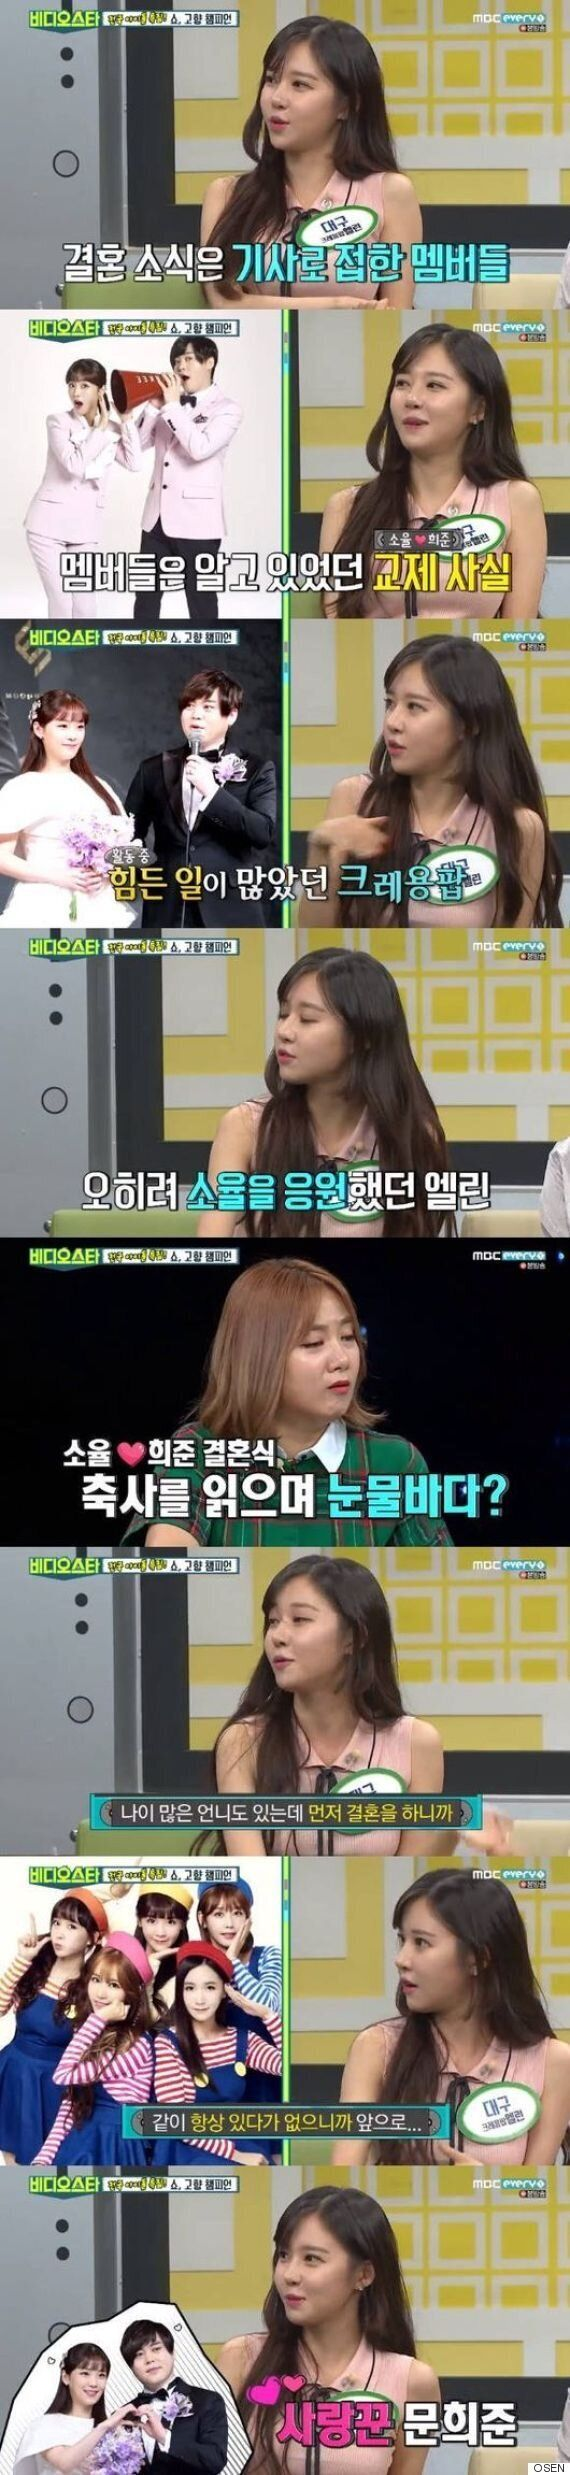 [어저께TV] '비스' 크레용팝 엘린이 밝힌 소율♥문희준 결혼식 눈물